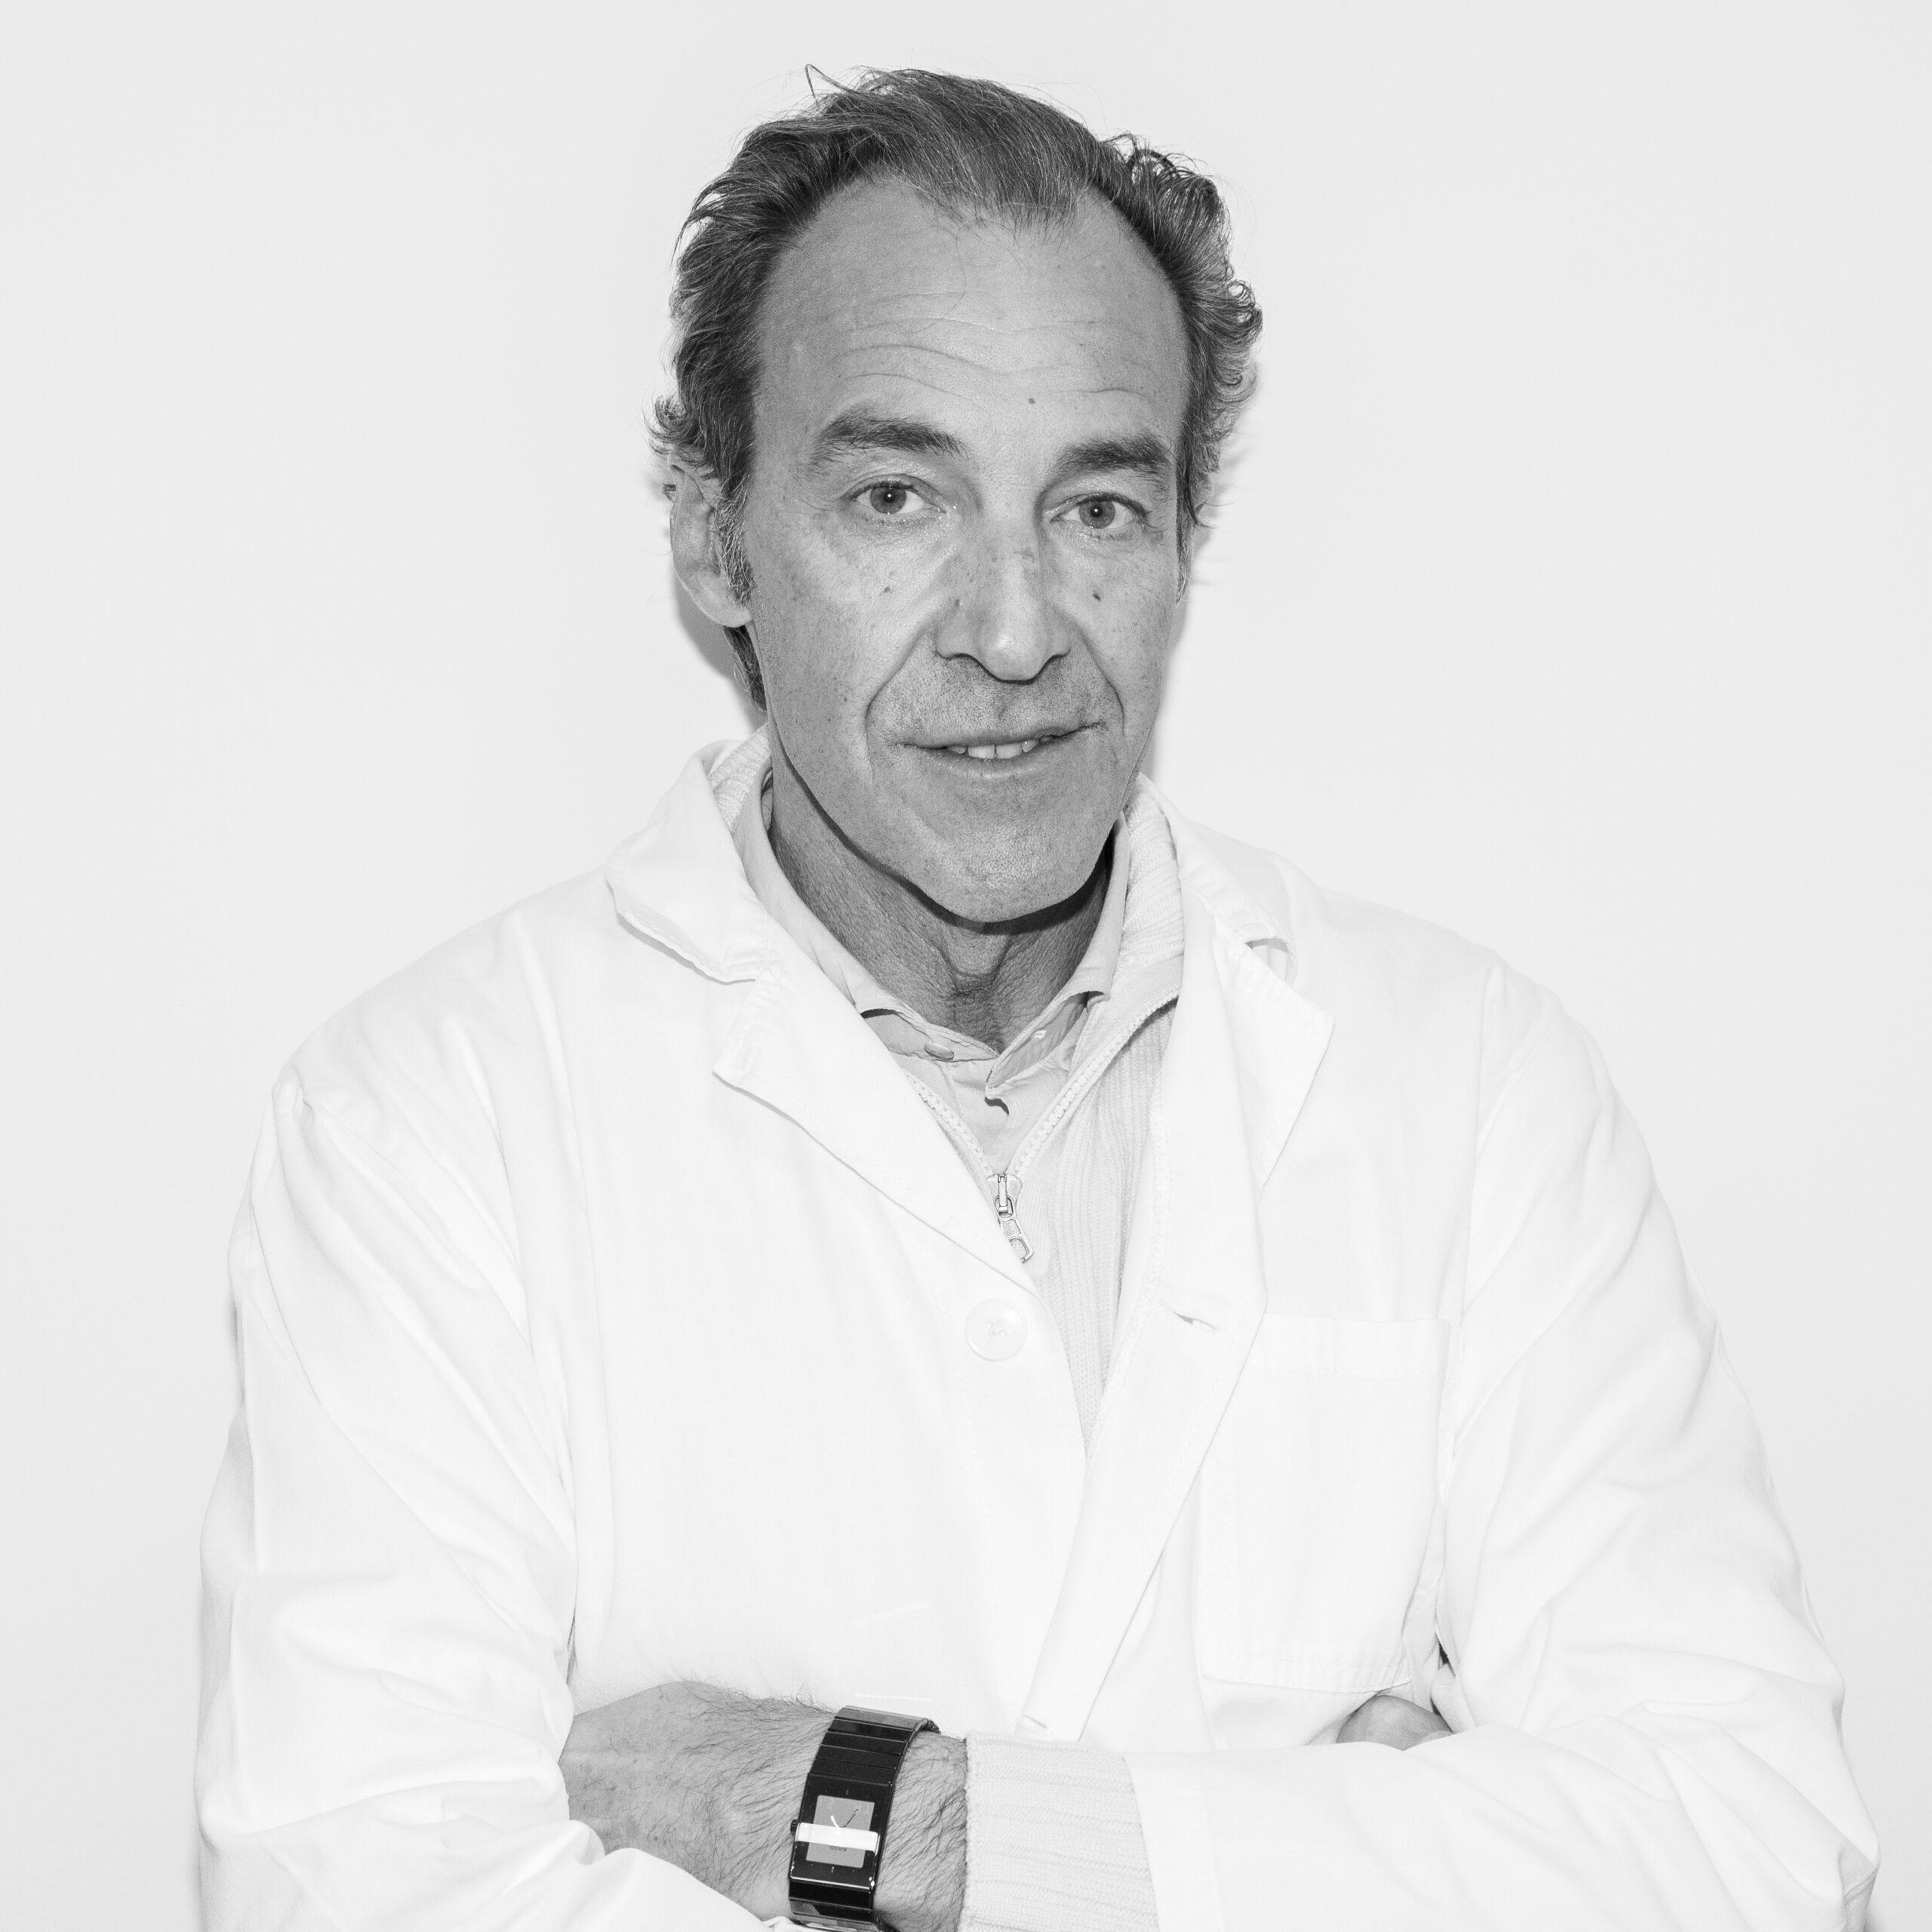 Dr. S. Schiappacasse